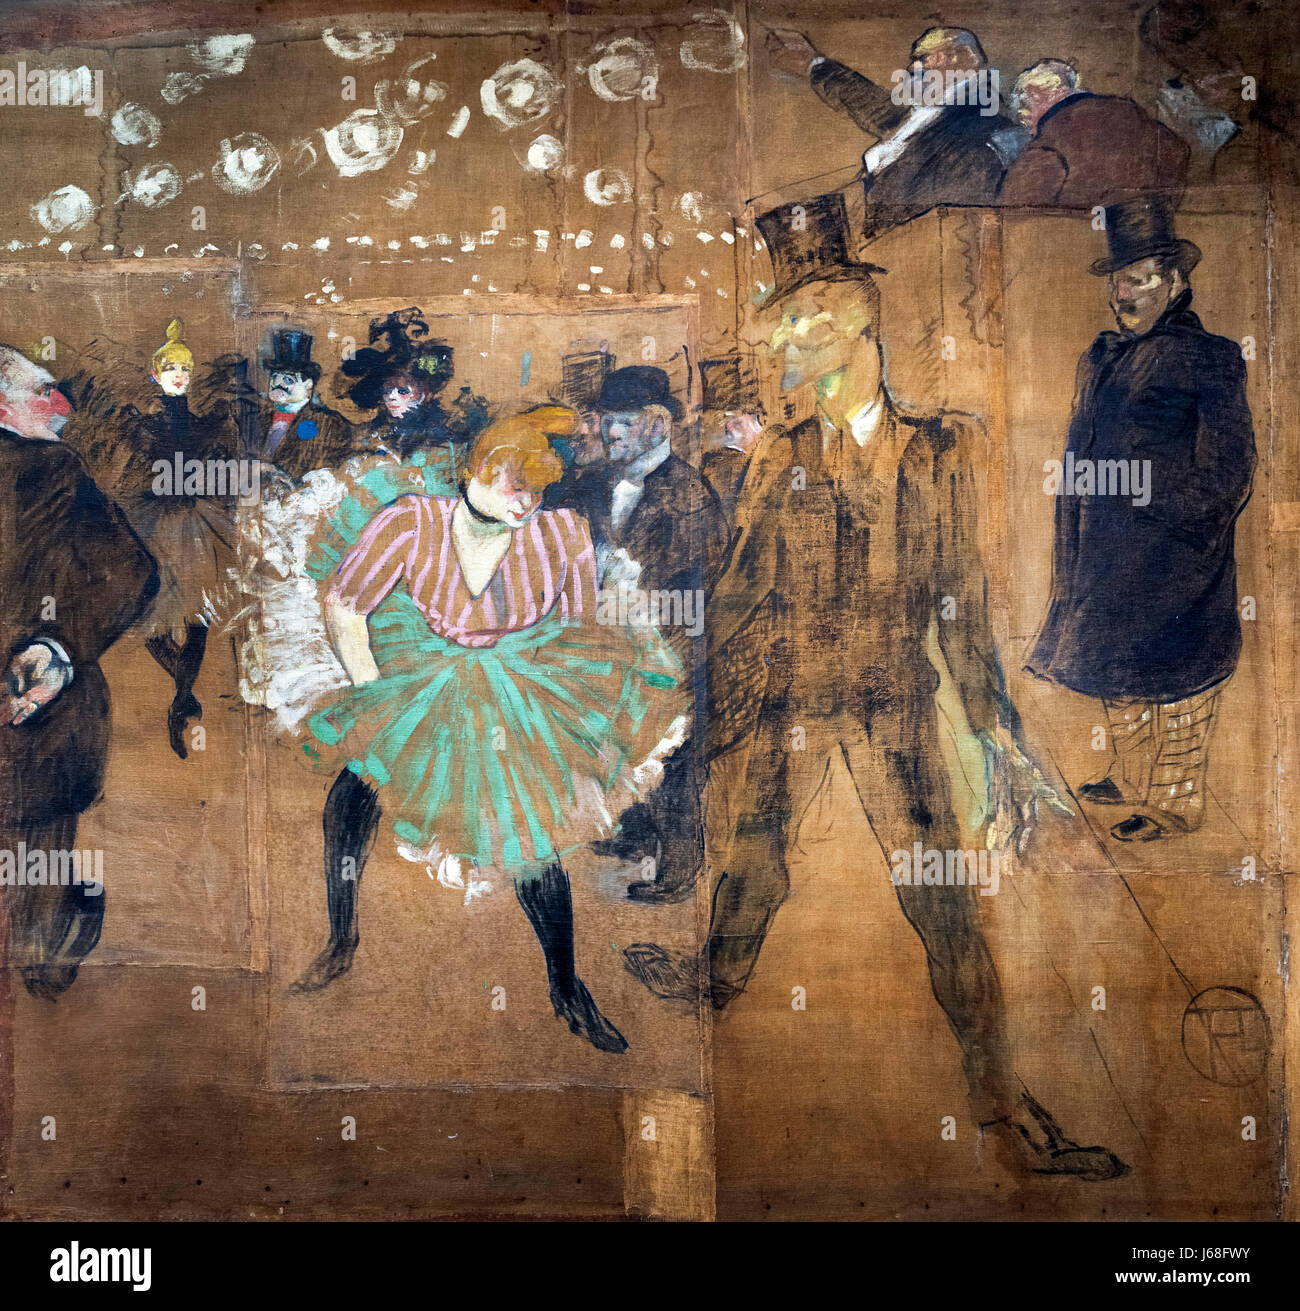 Lautrec stock photos lautrec stock images alamy for Toulouse lautrec works